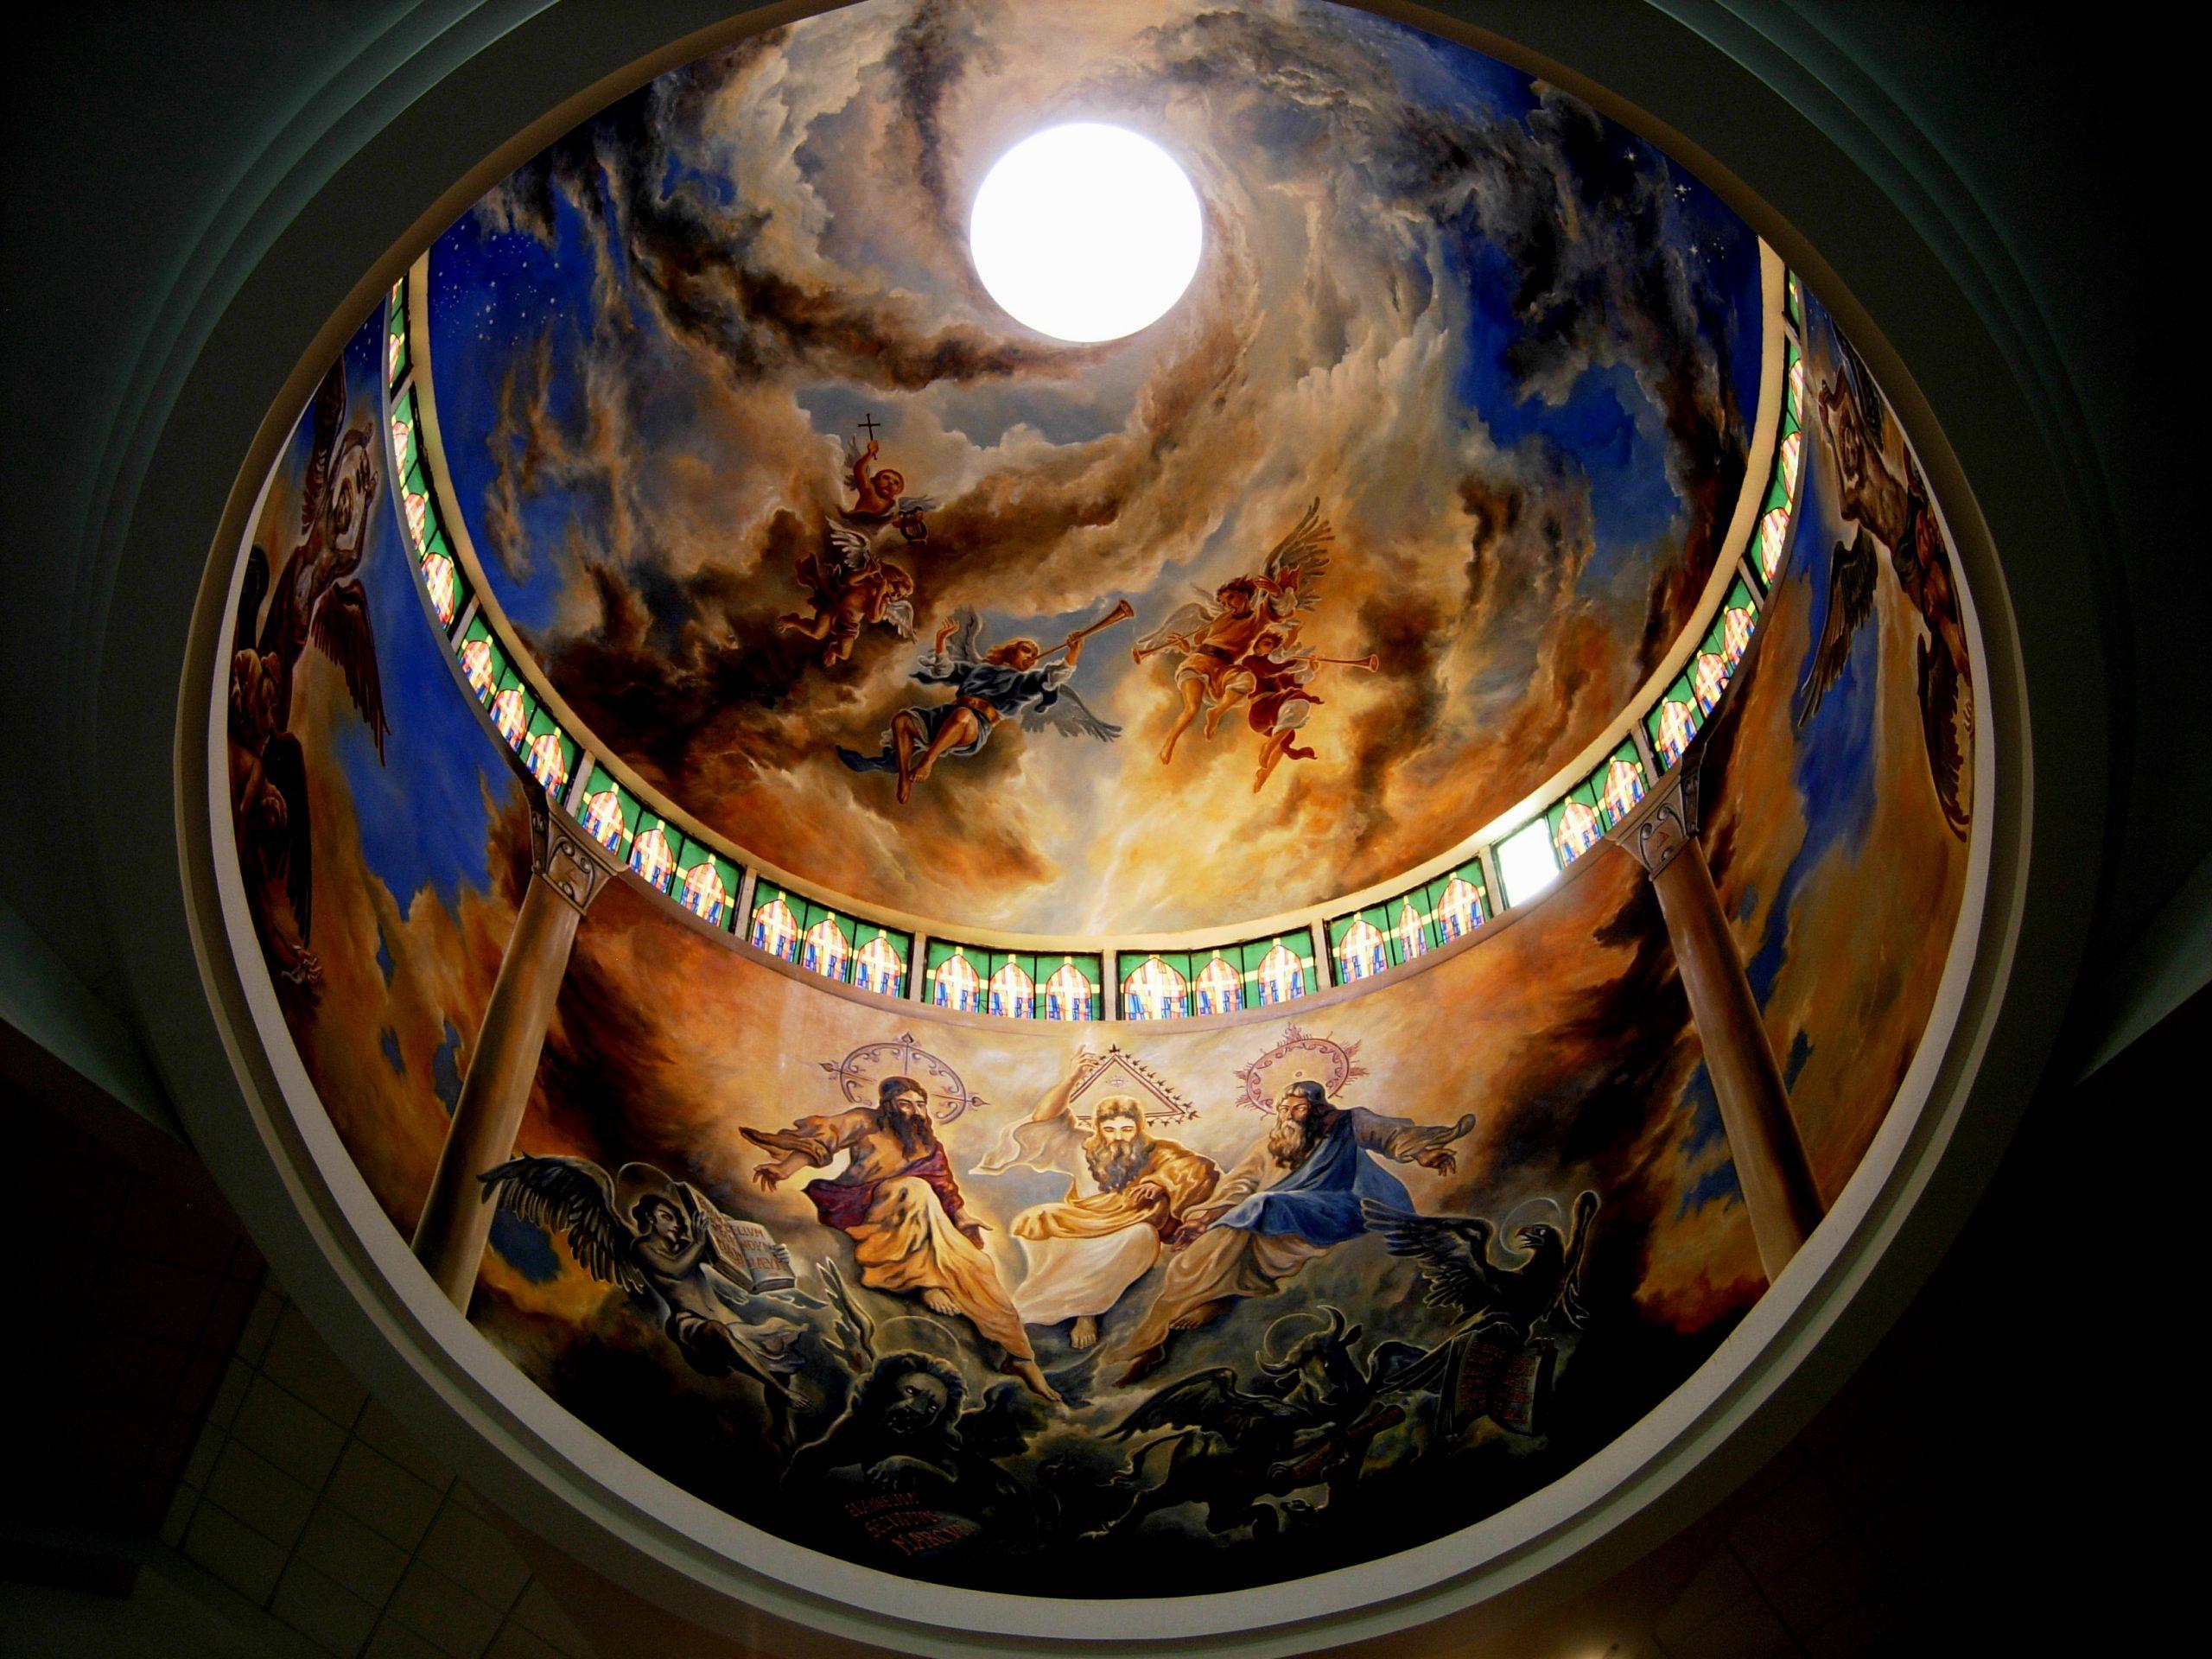 Dios Padre Jesus mural